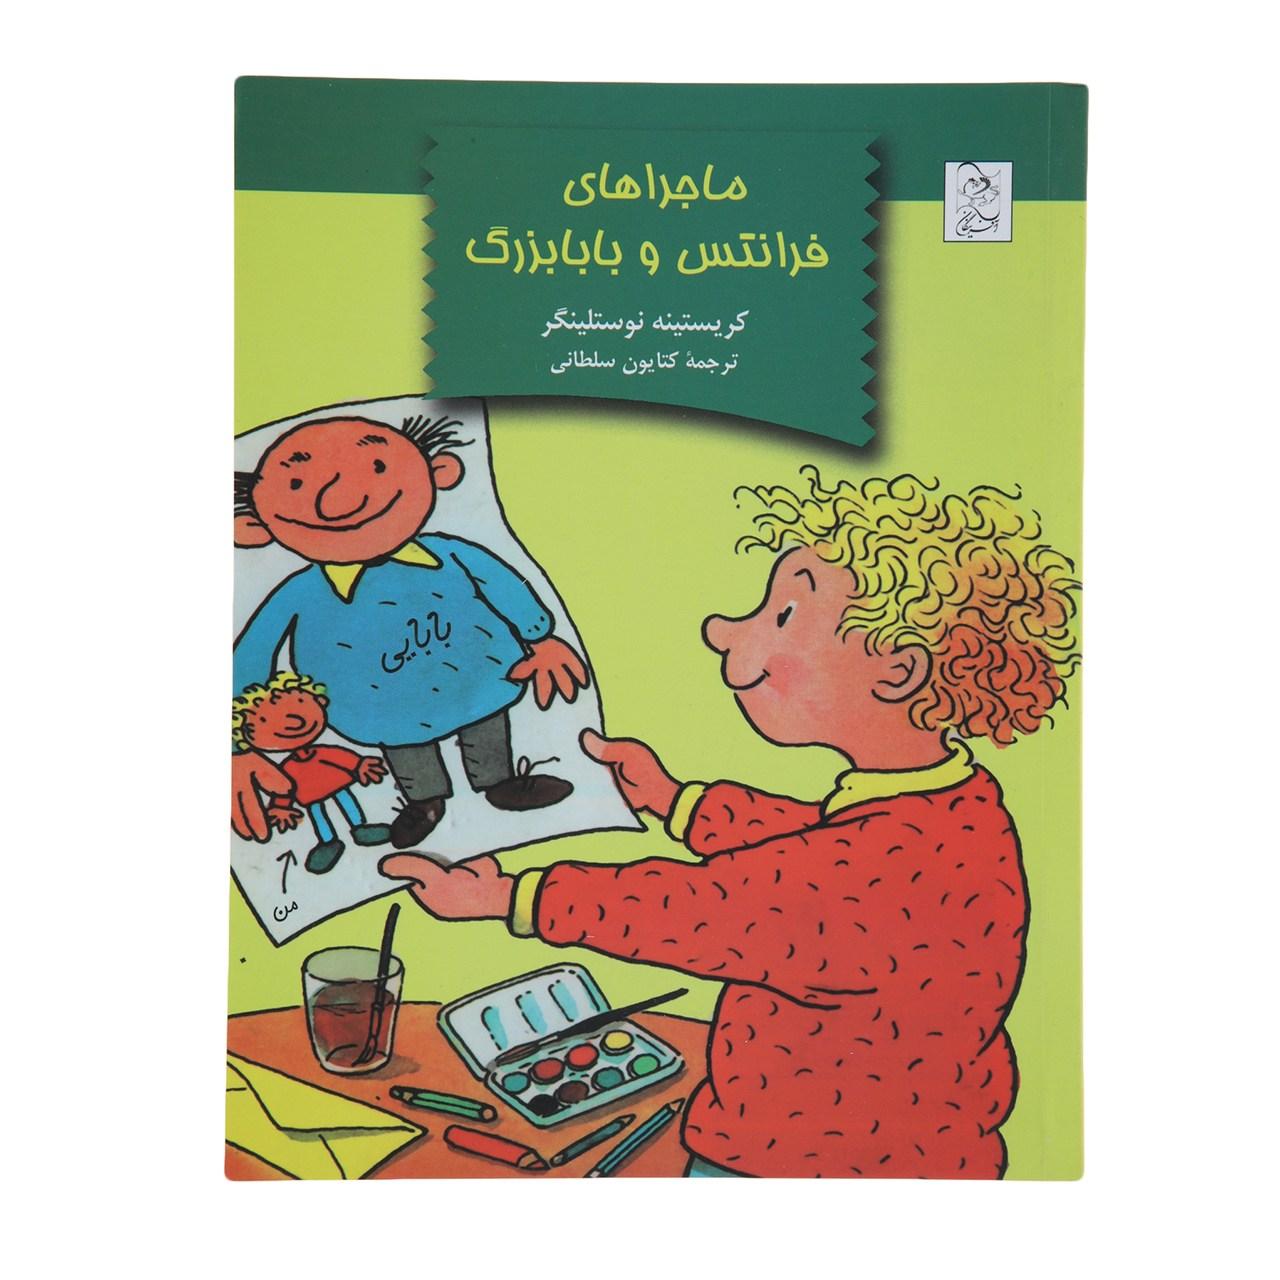 کتاب ماجراهای فرانتس و بابابزرگ اثر کریستینه نوستلینگر